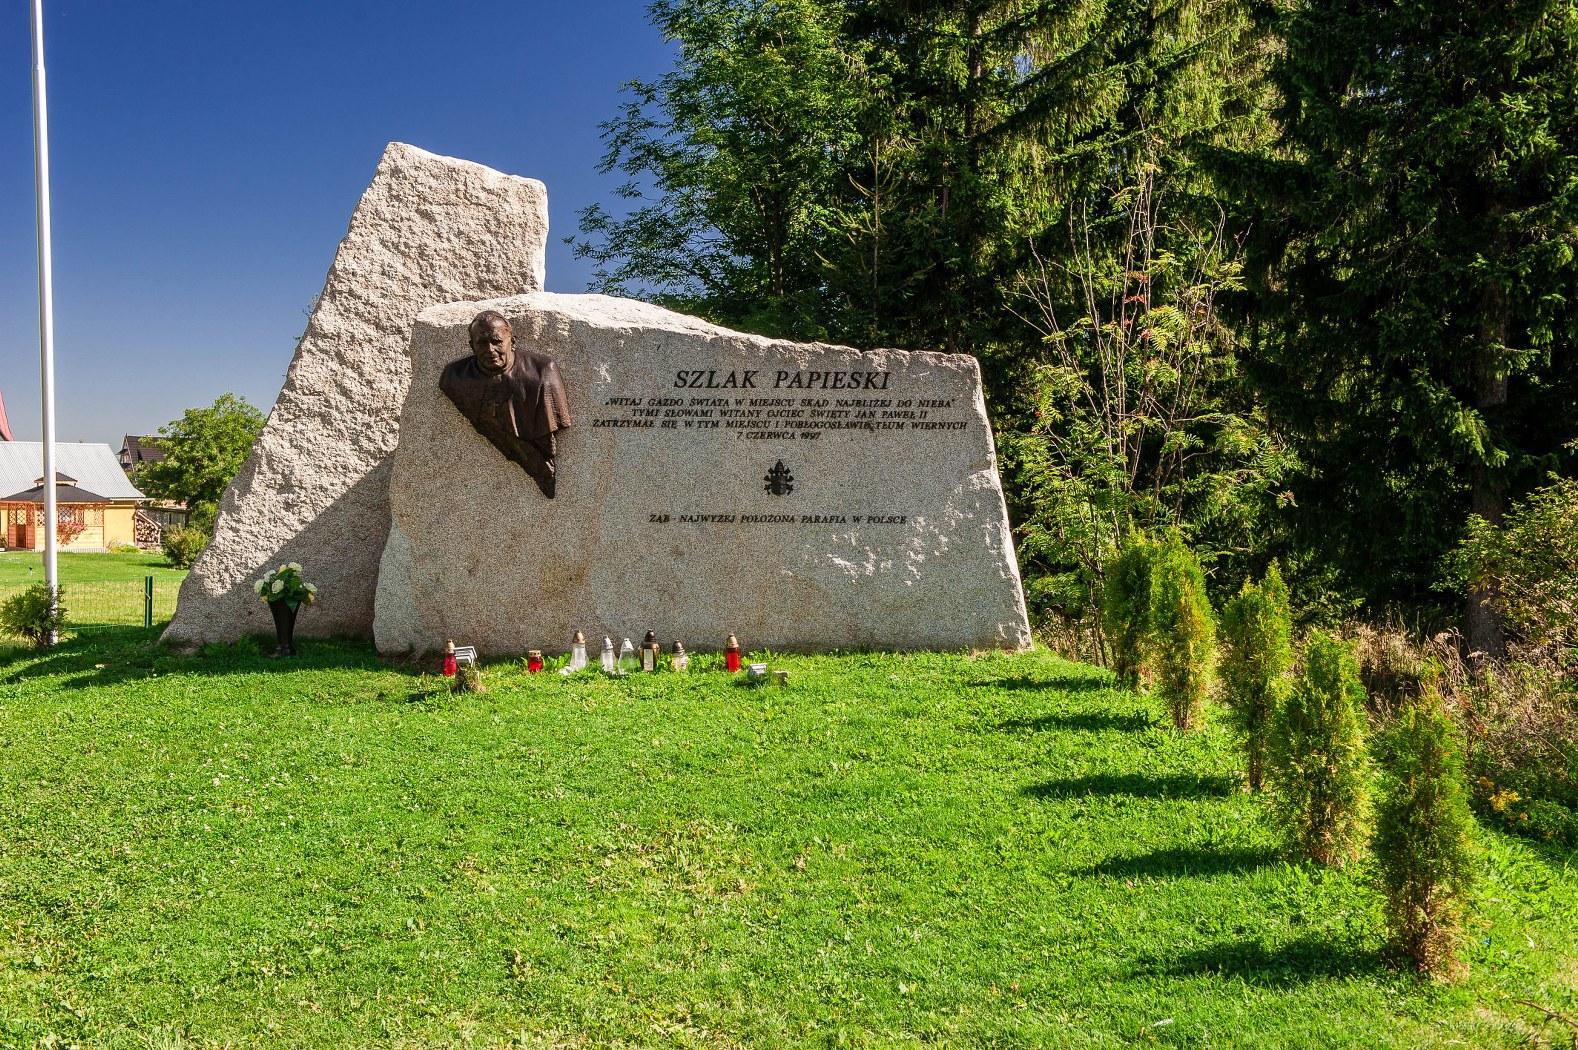 обелиск в память о папе Иоанне Павле II.